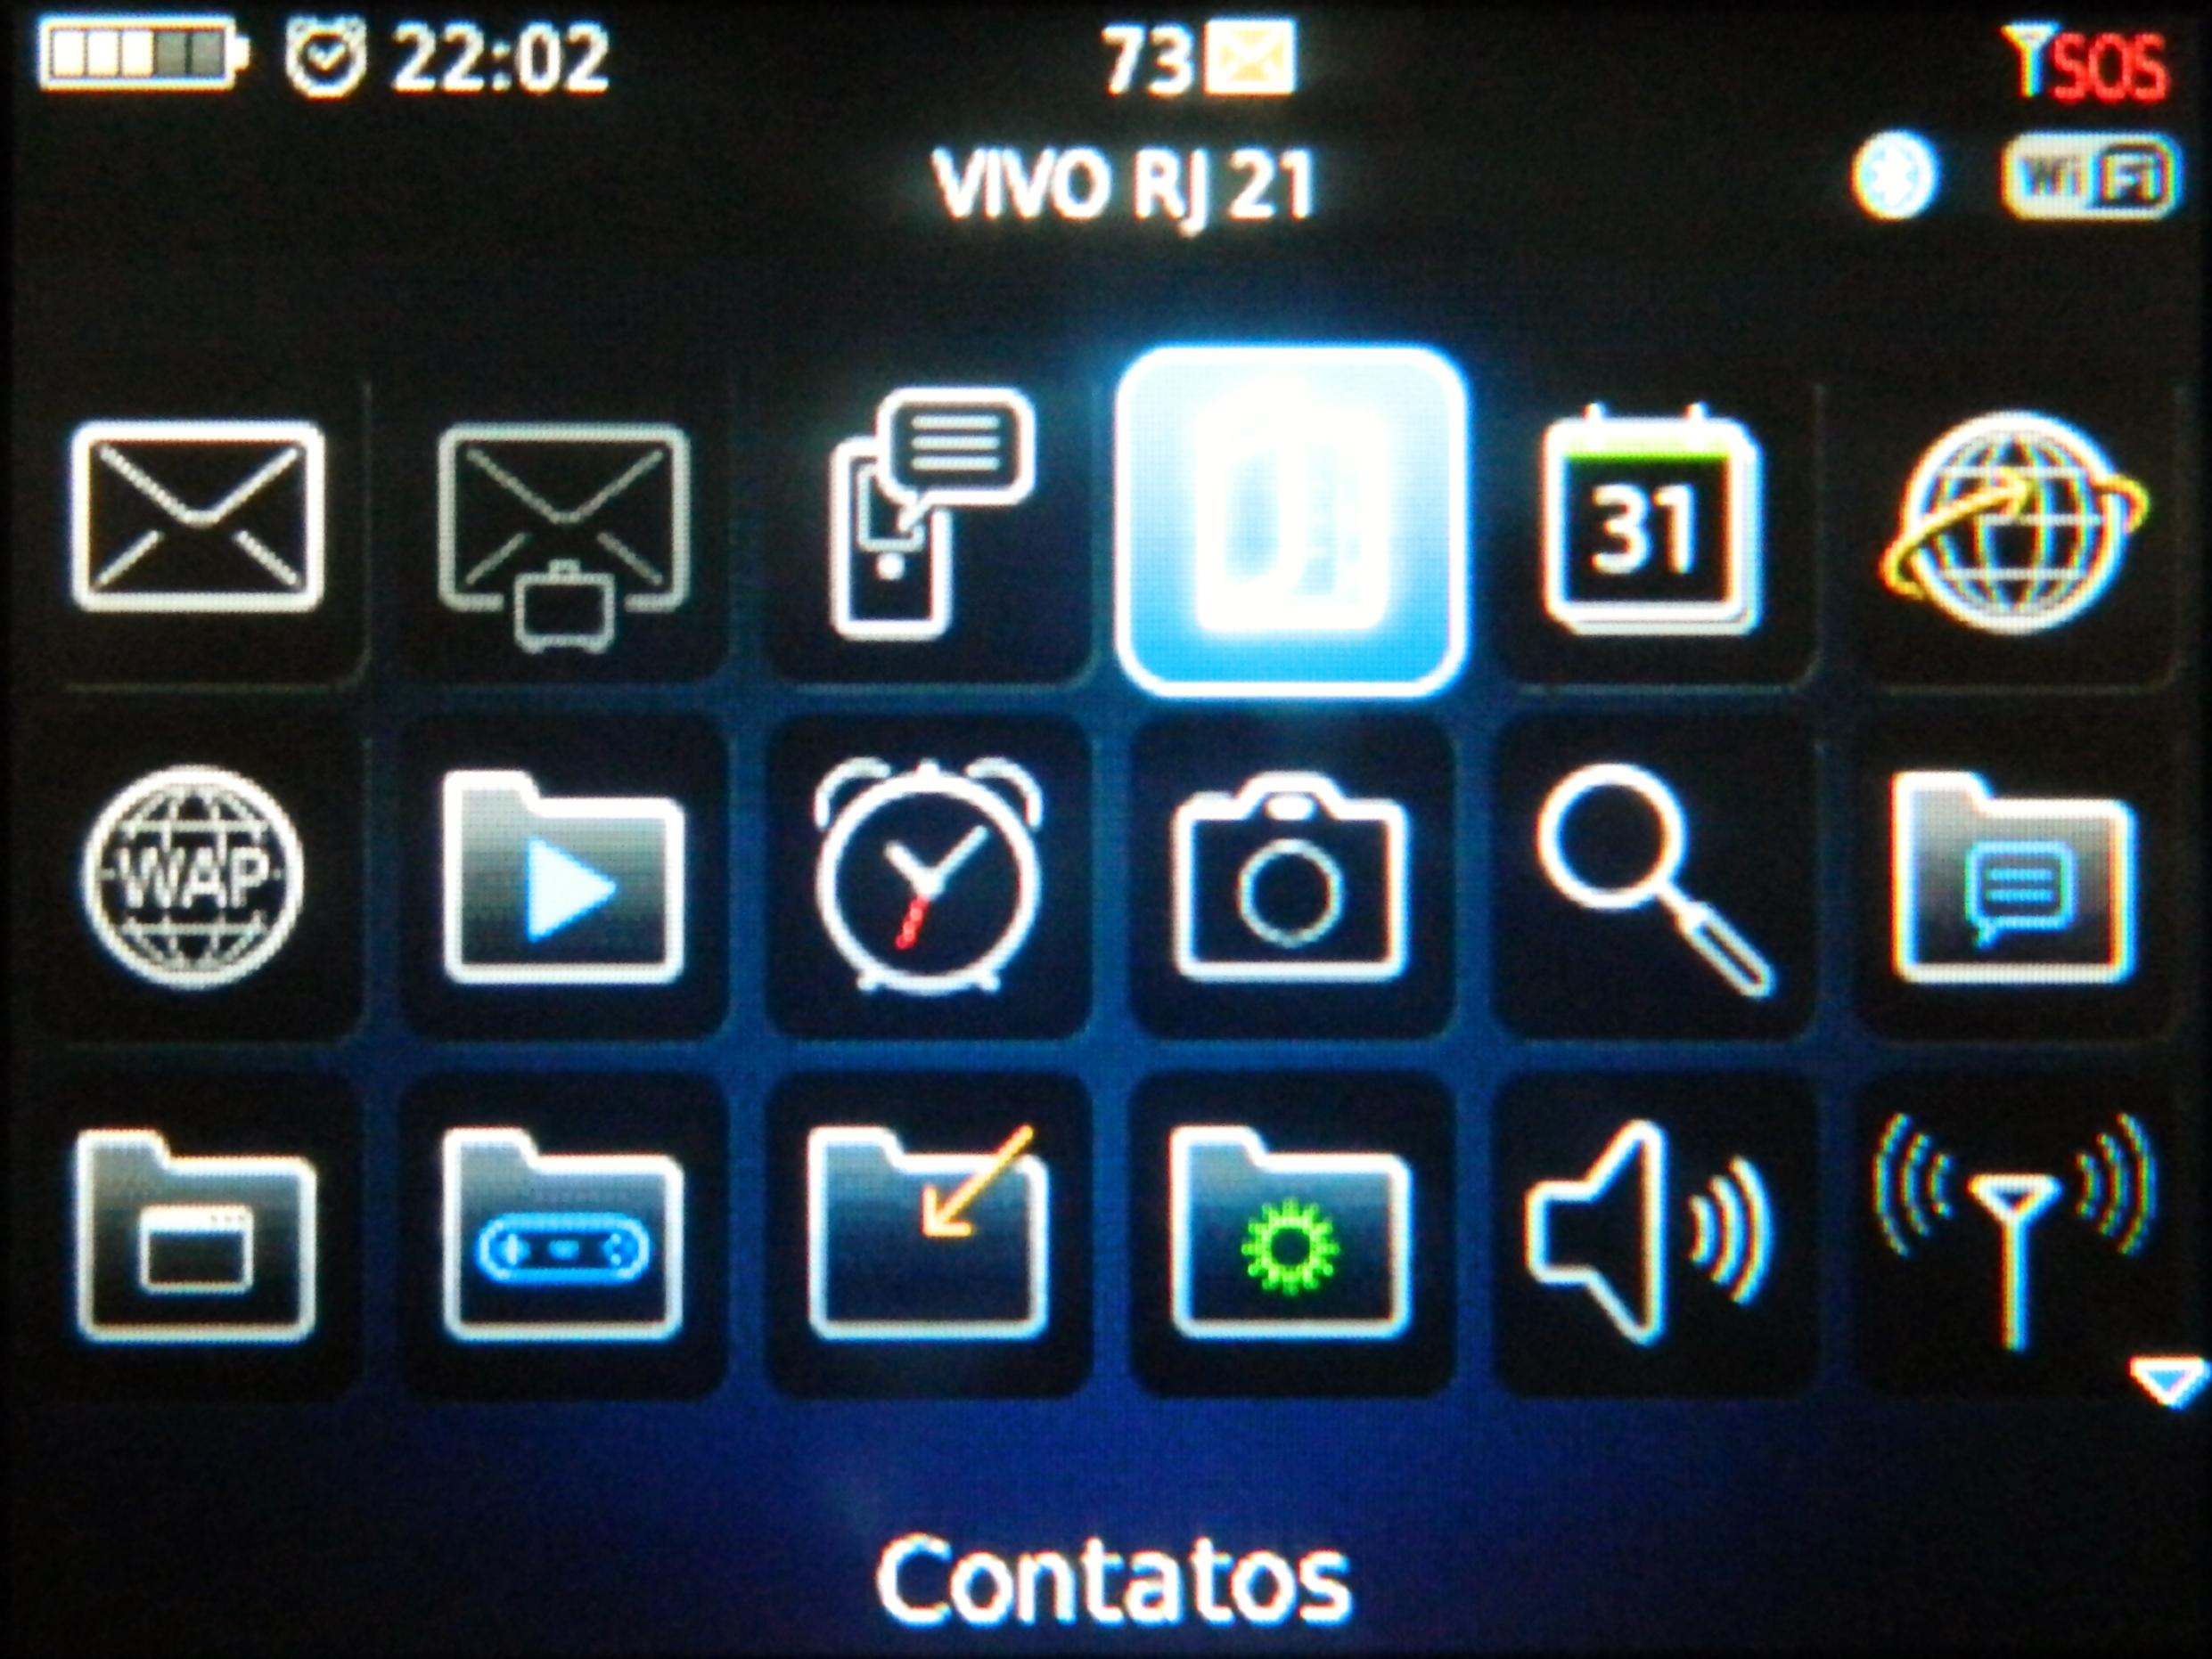 Menu com a opção da lista de contatos em destaque (Foto: Reprodução/Carolina Ribeiro)